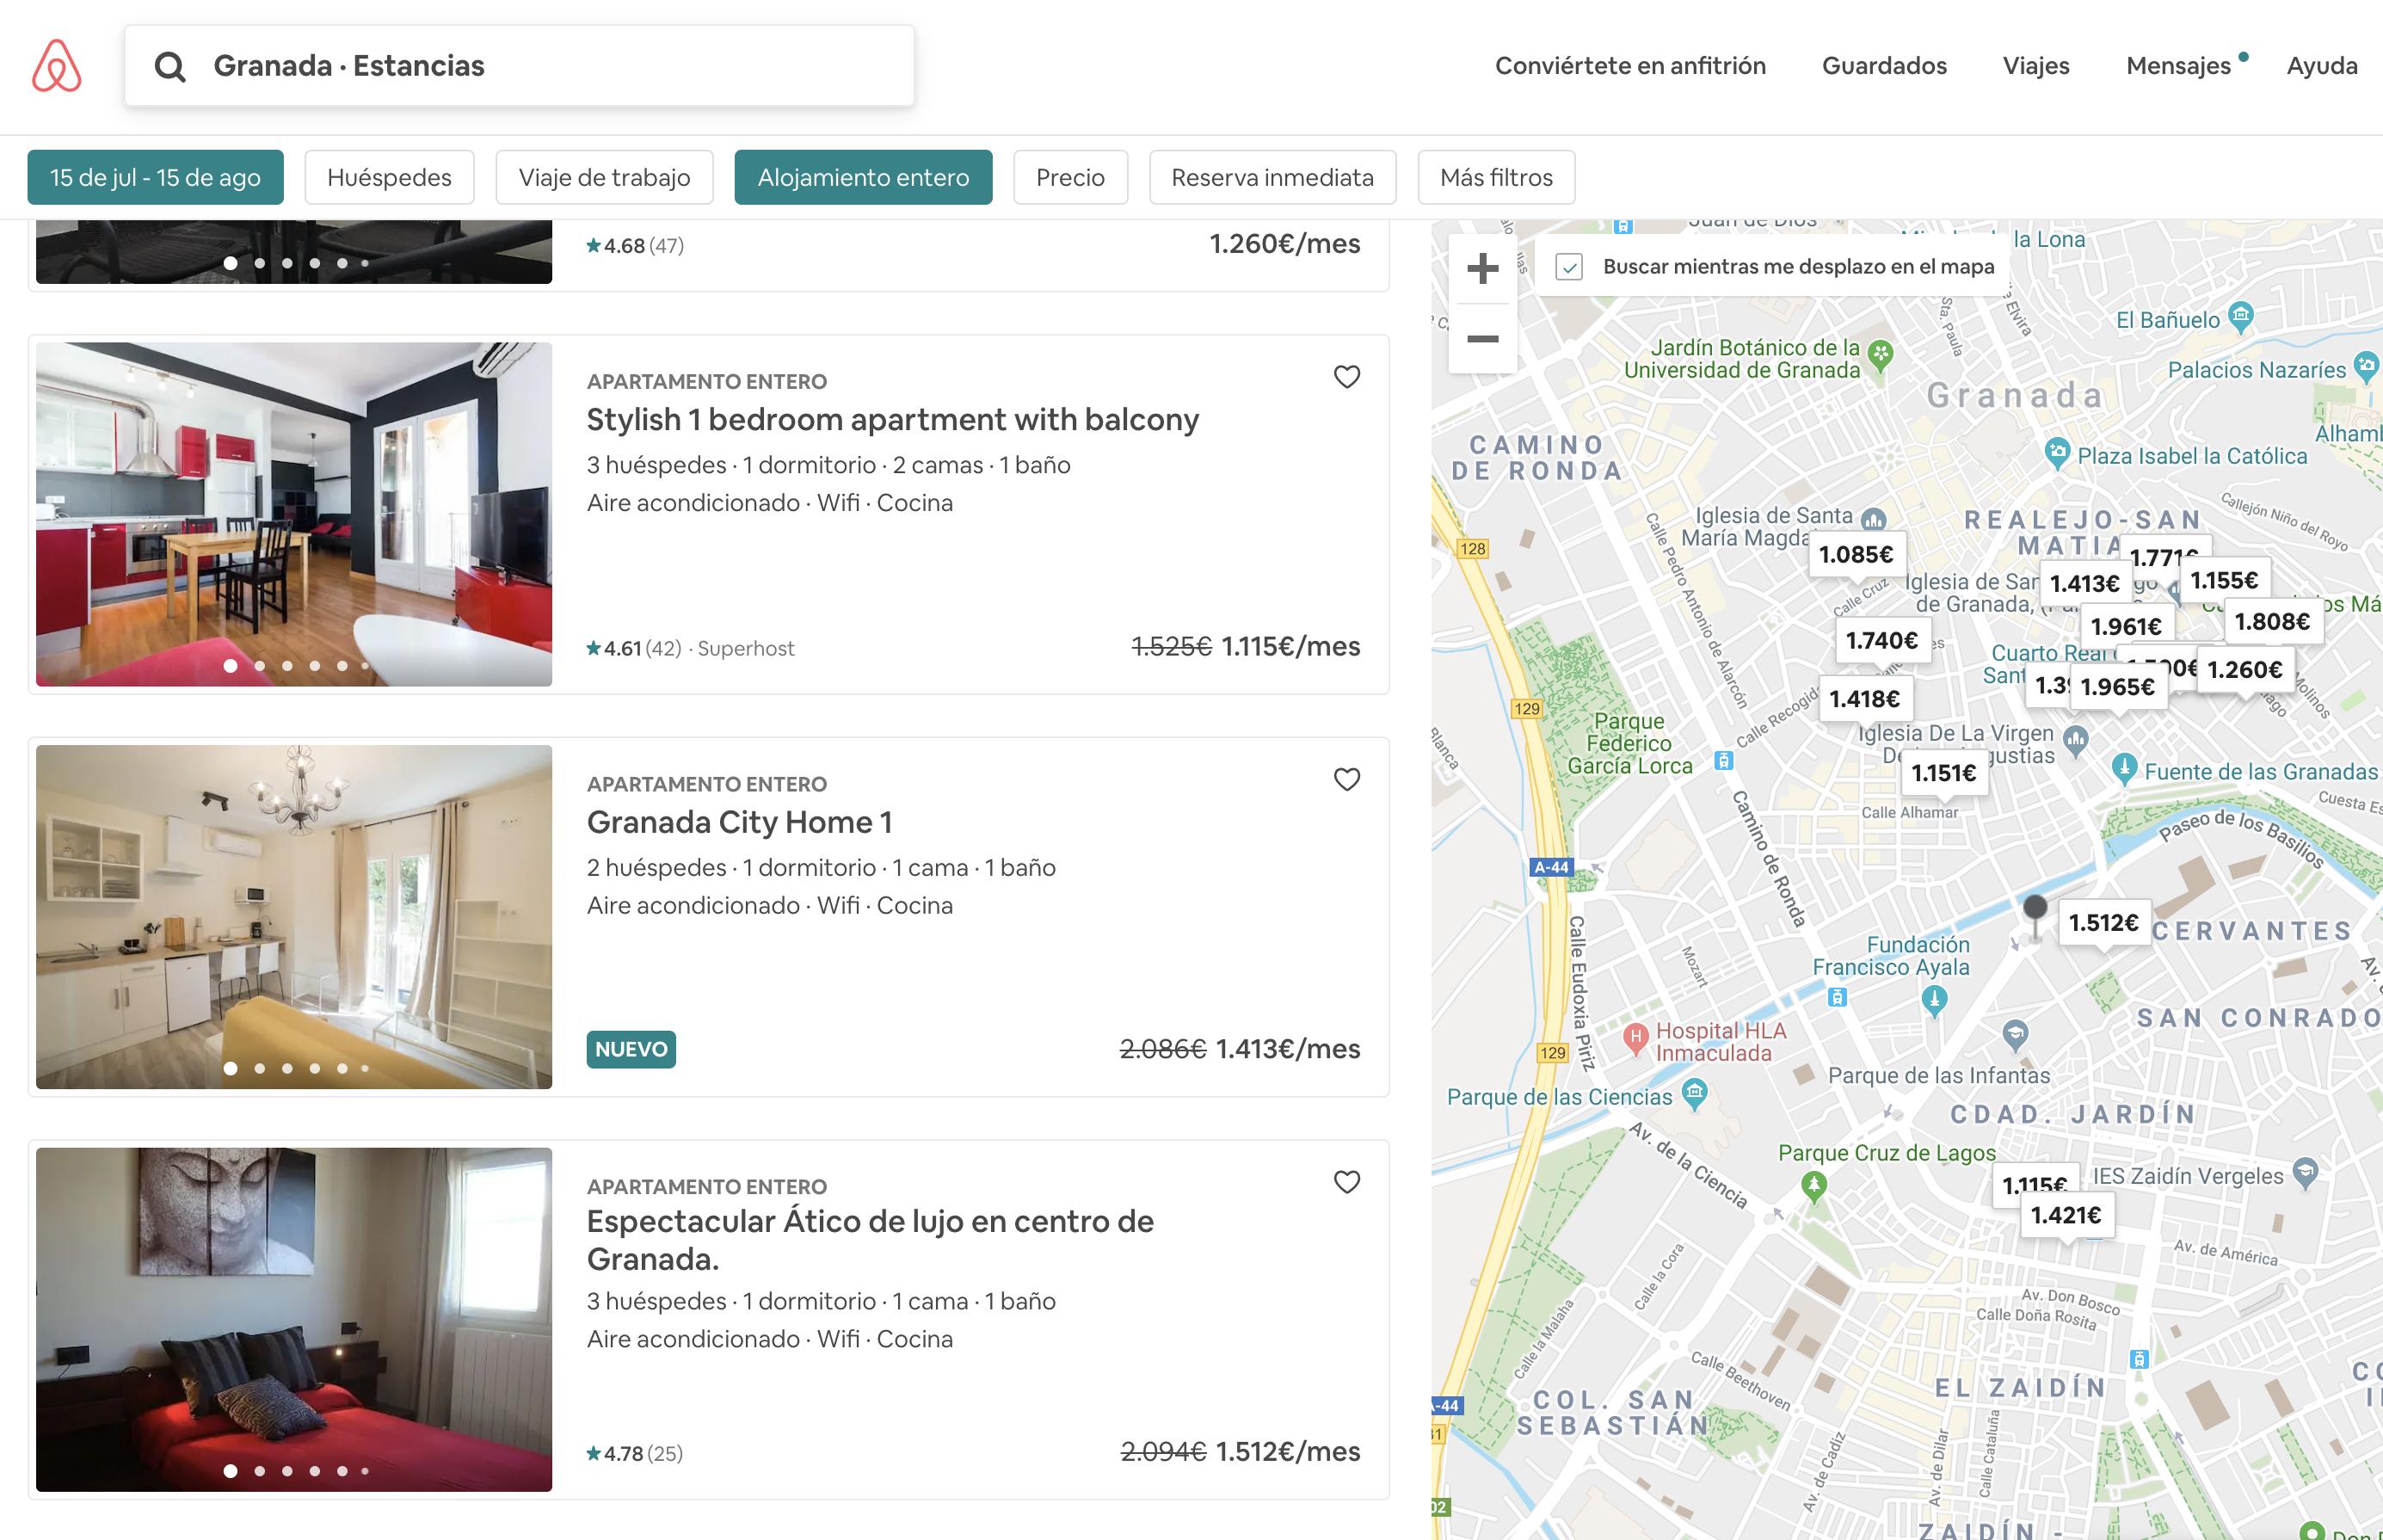 alojamiento con descuento en Airbnb